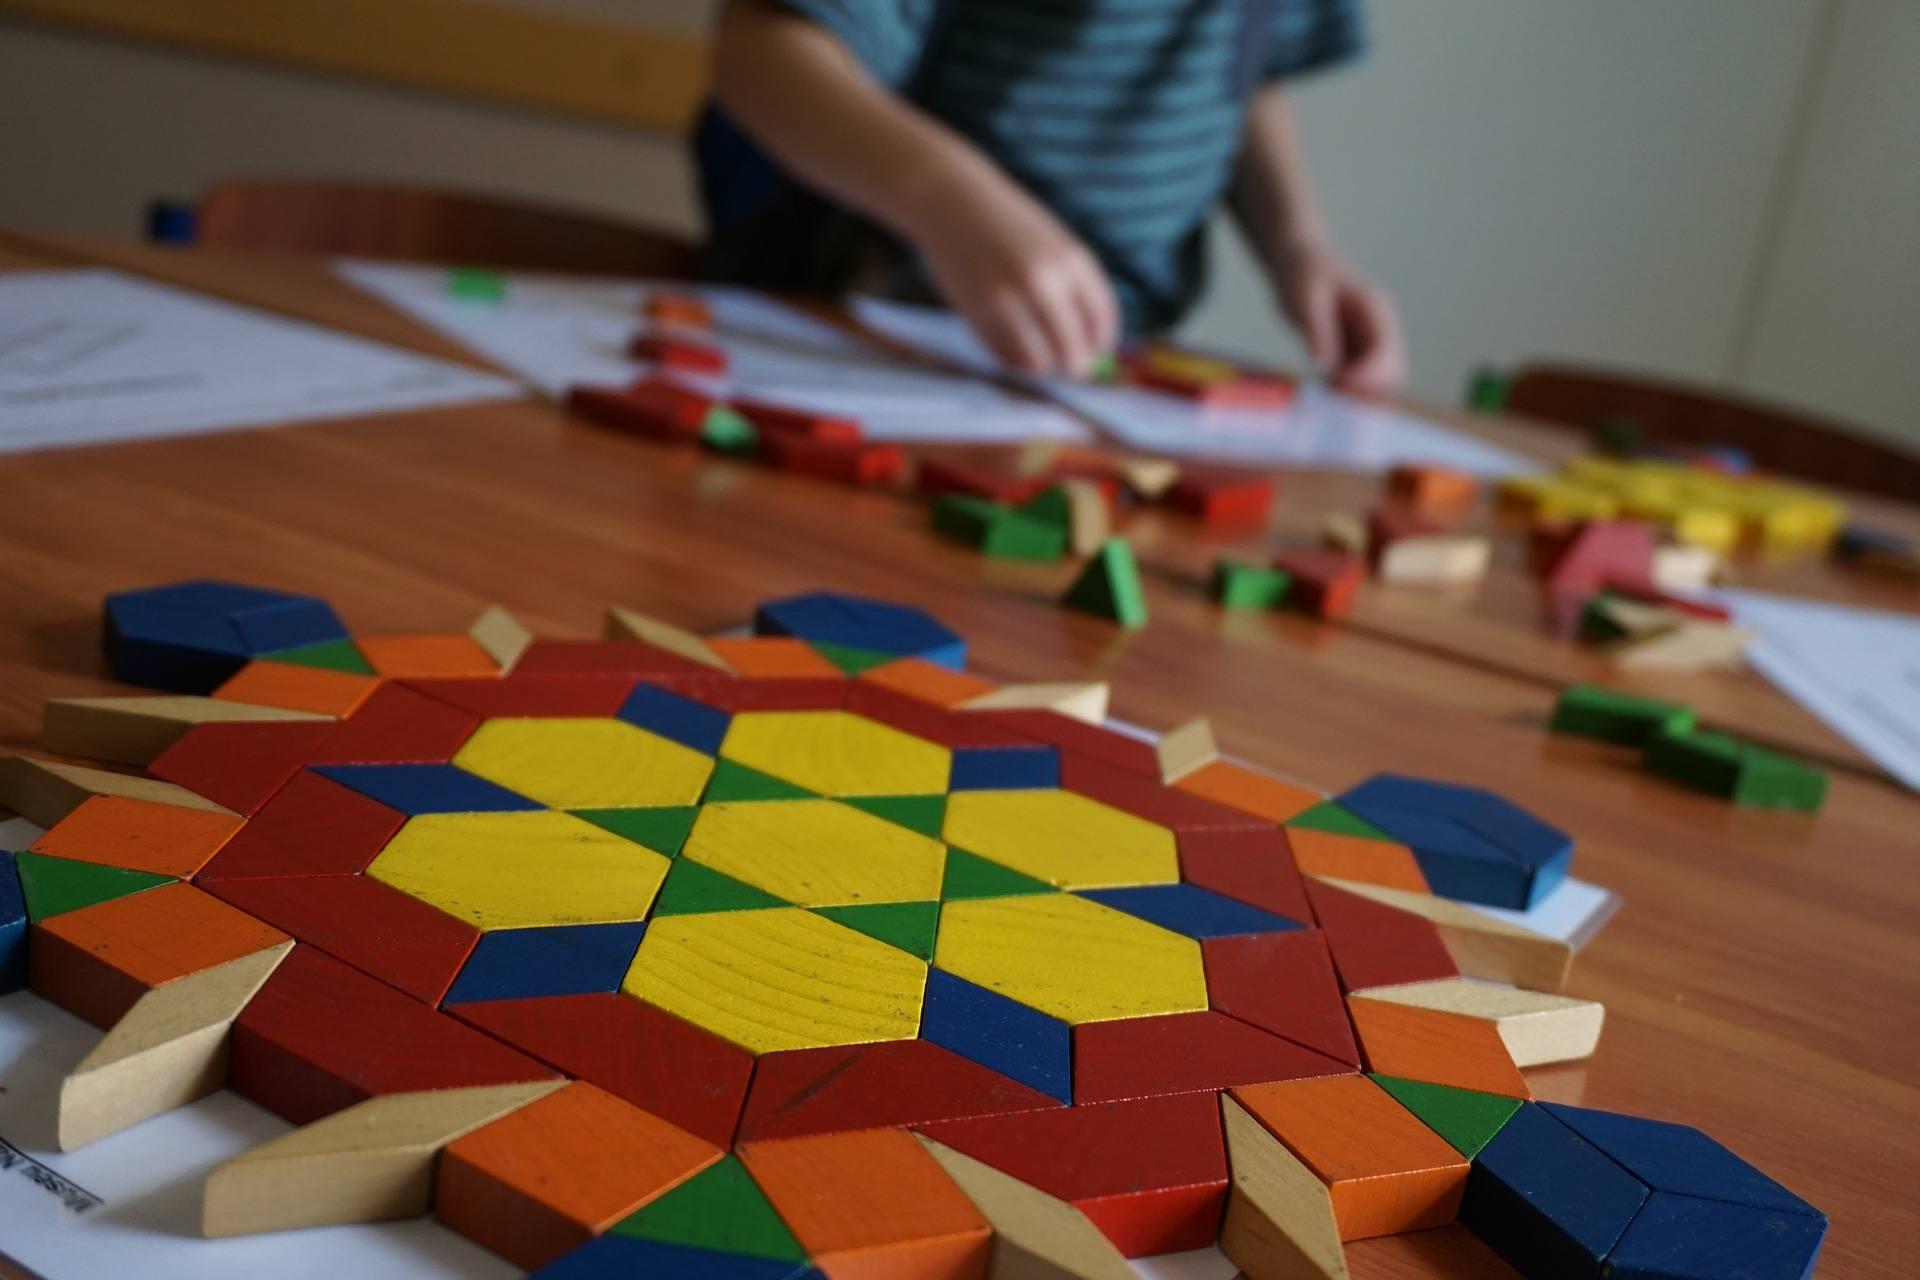 Giochi Da Fare In Casa Con I Bambini Organizzati Per Età